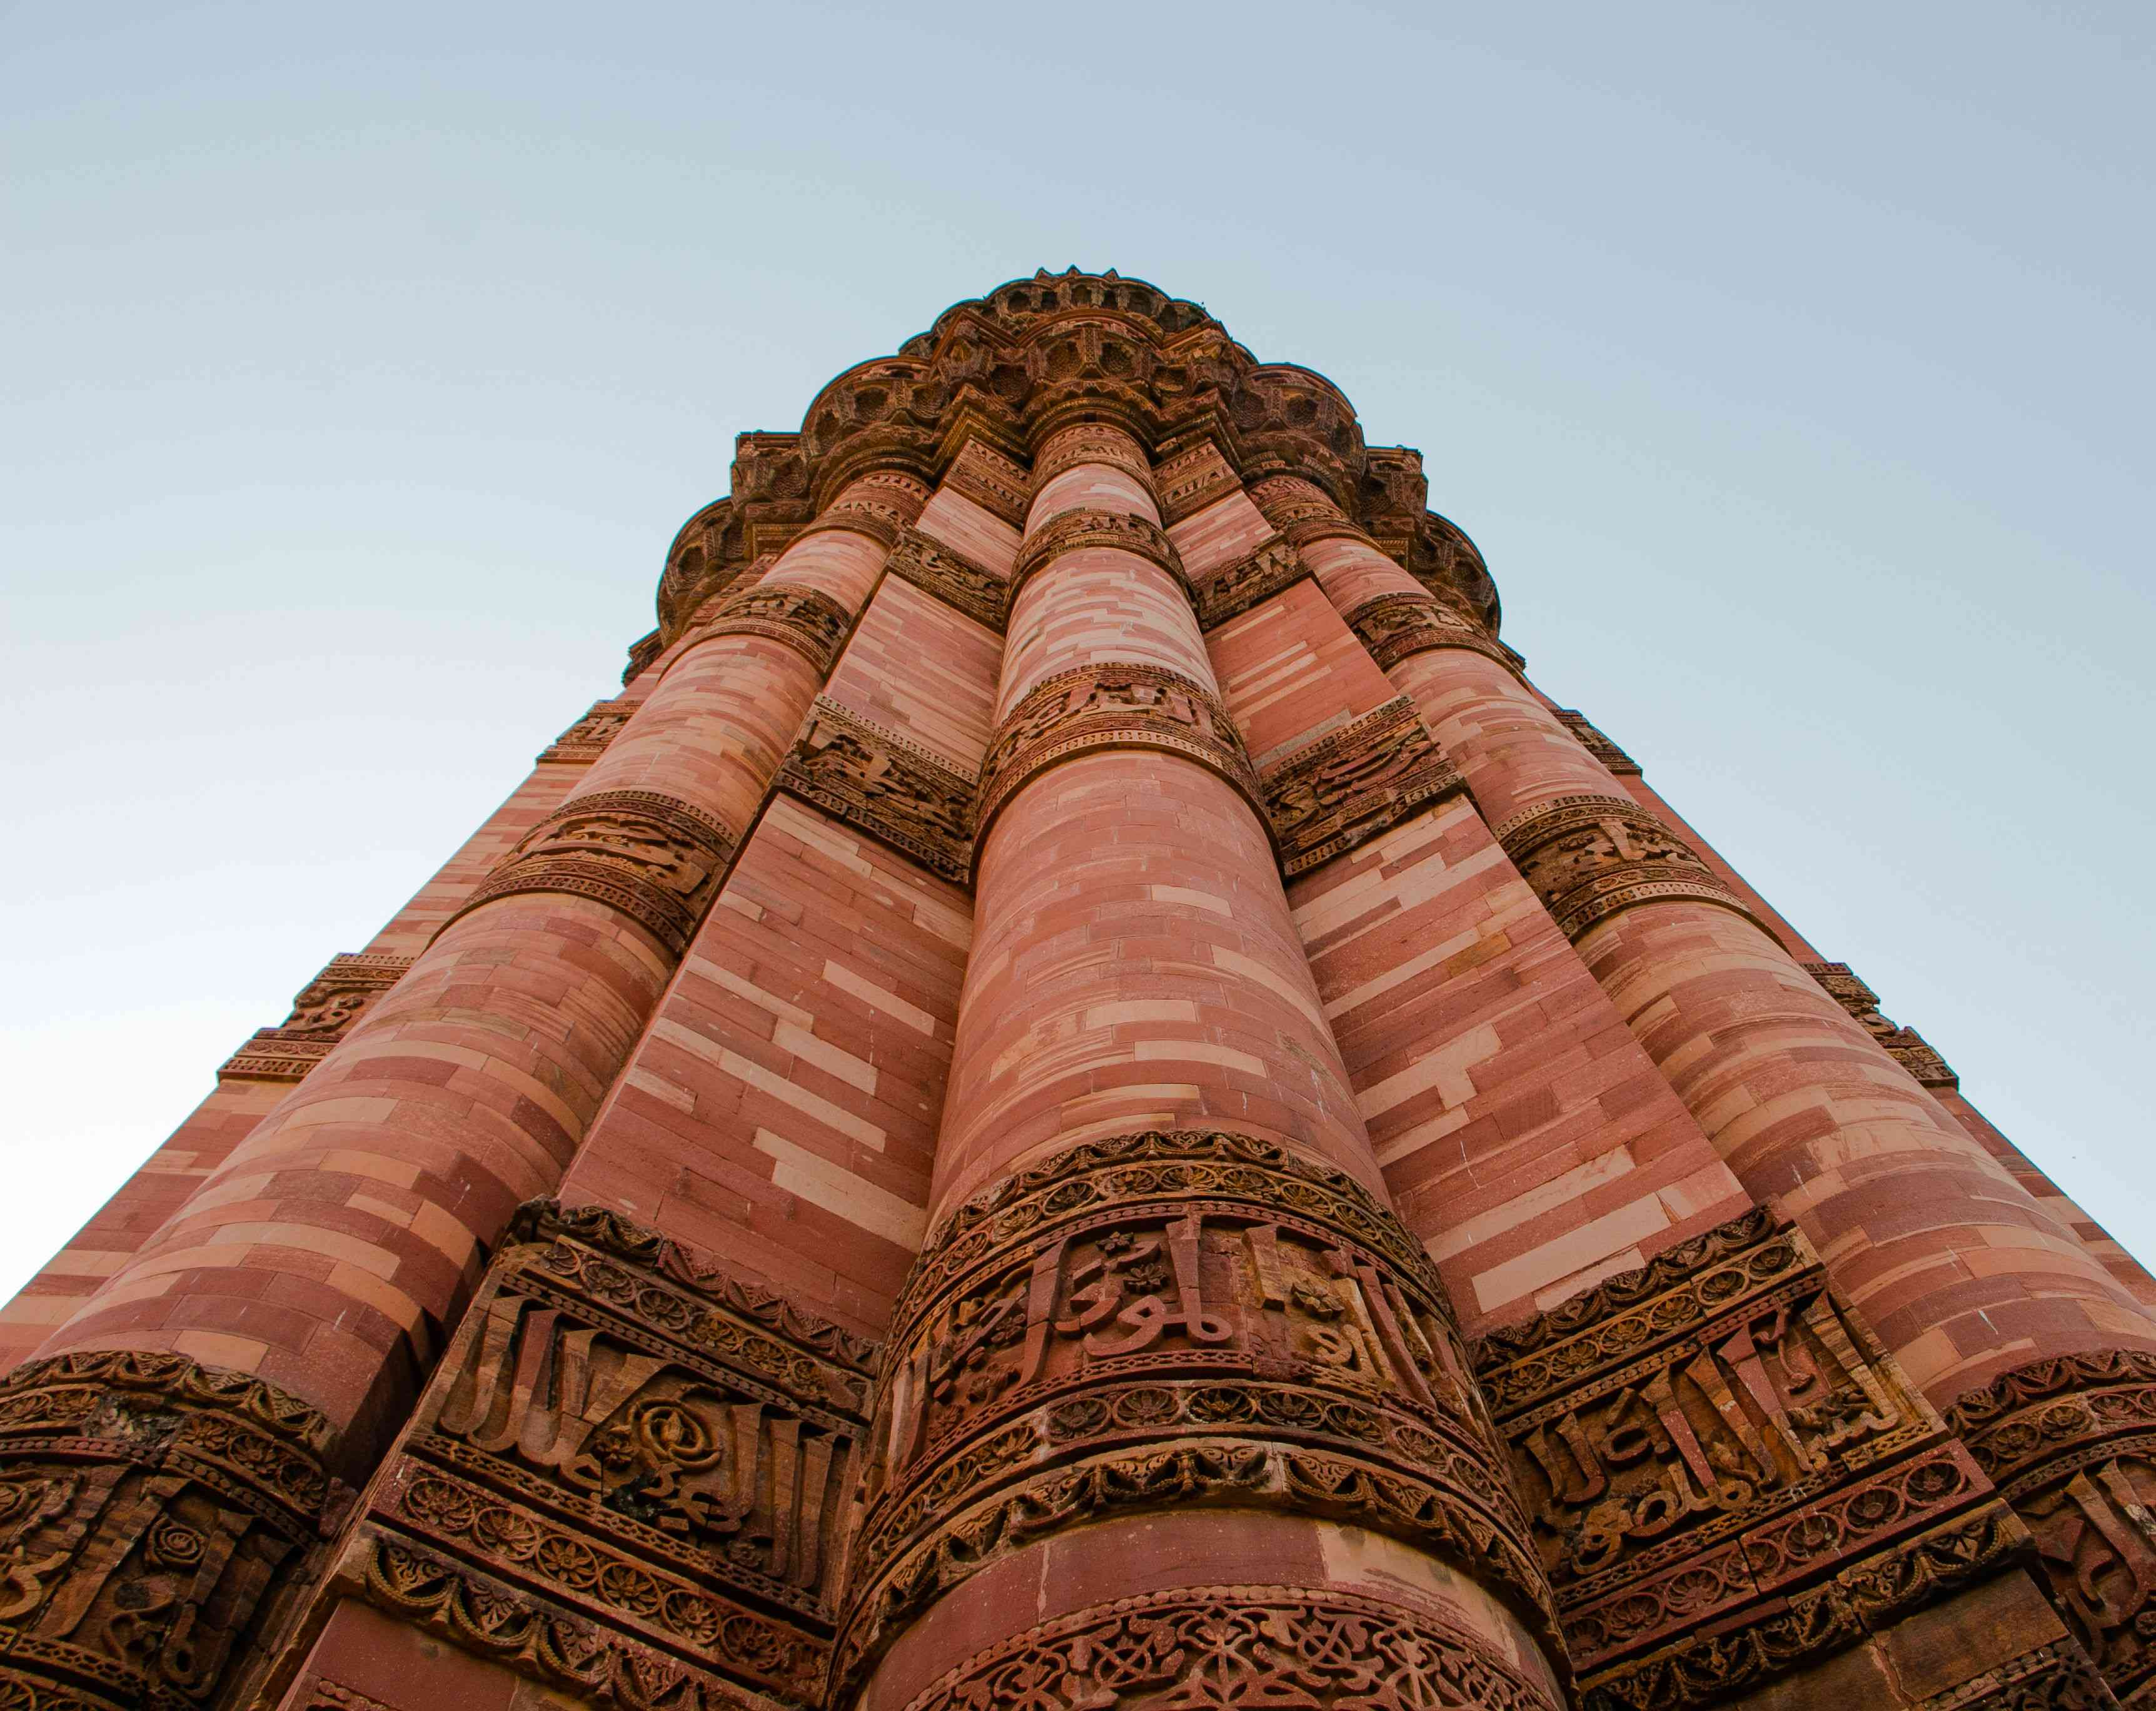 looking up at the Qutab Minar